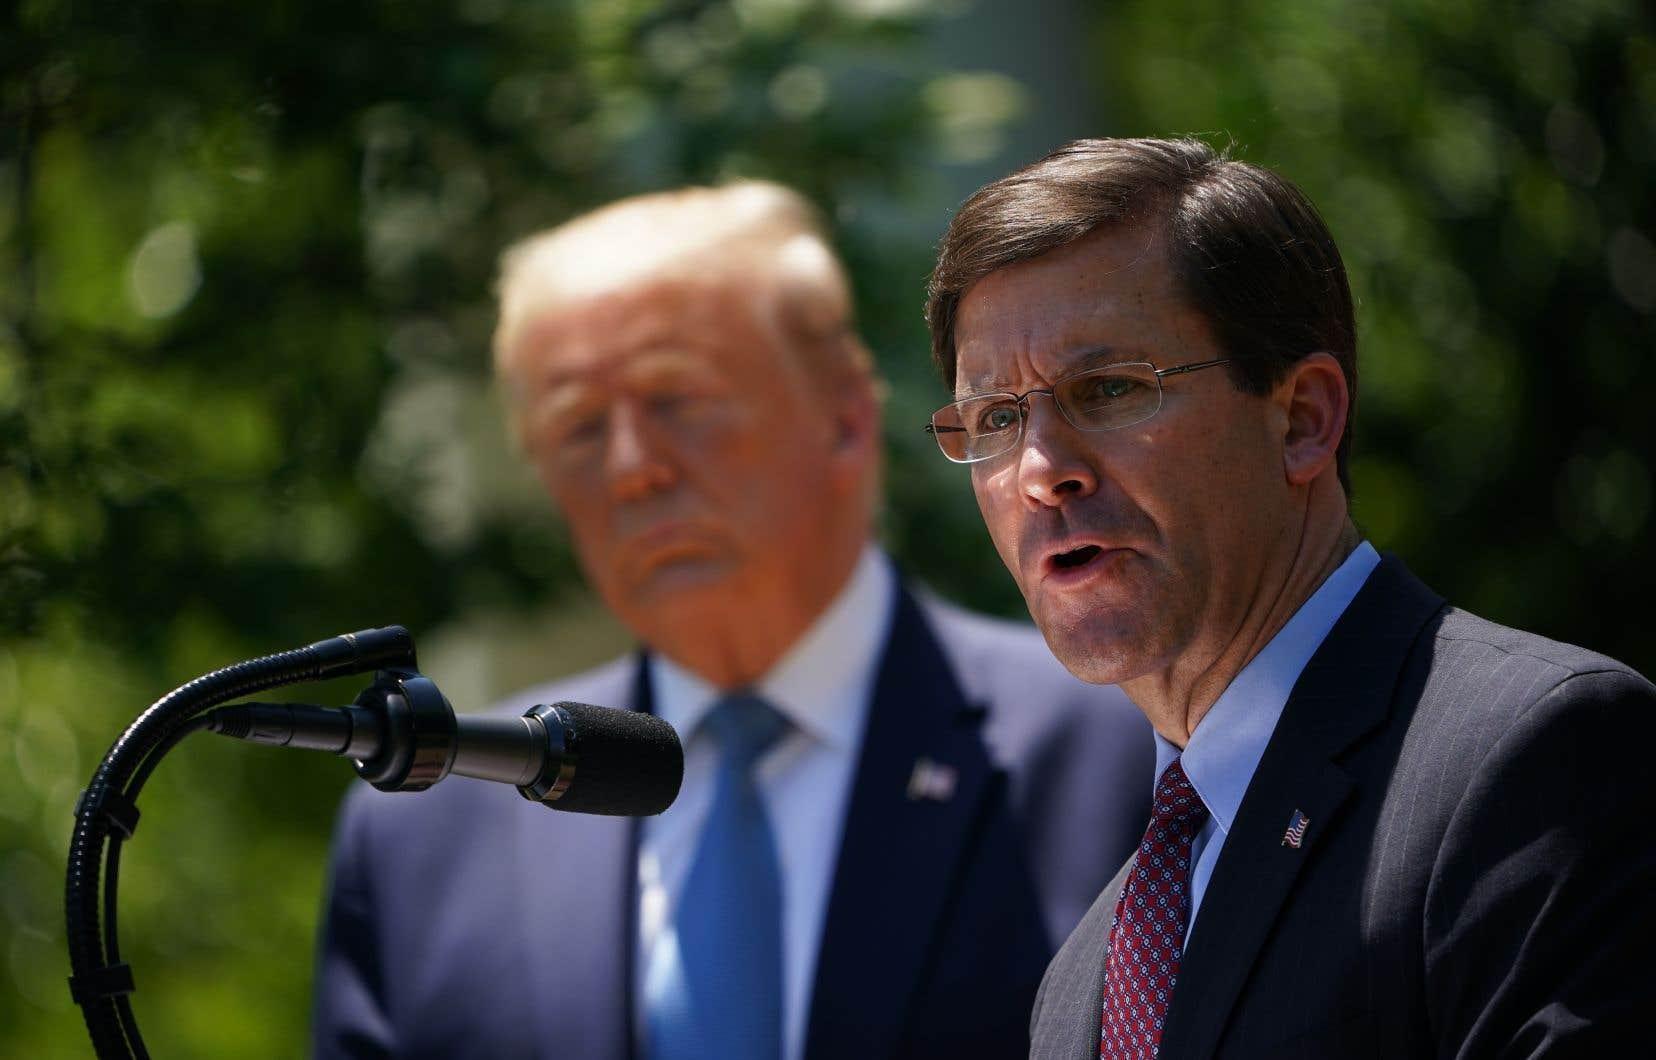 Les relations entre M. Trump et Mark Esper étaient tendues depuis que ce dernier s'est opposé publiquement en juin au déploiement de l'armée pour réprimer les manifestations antiracistes dans le pays.